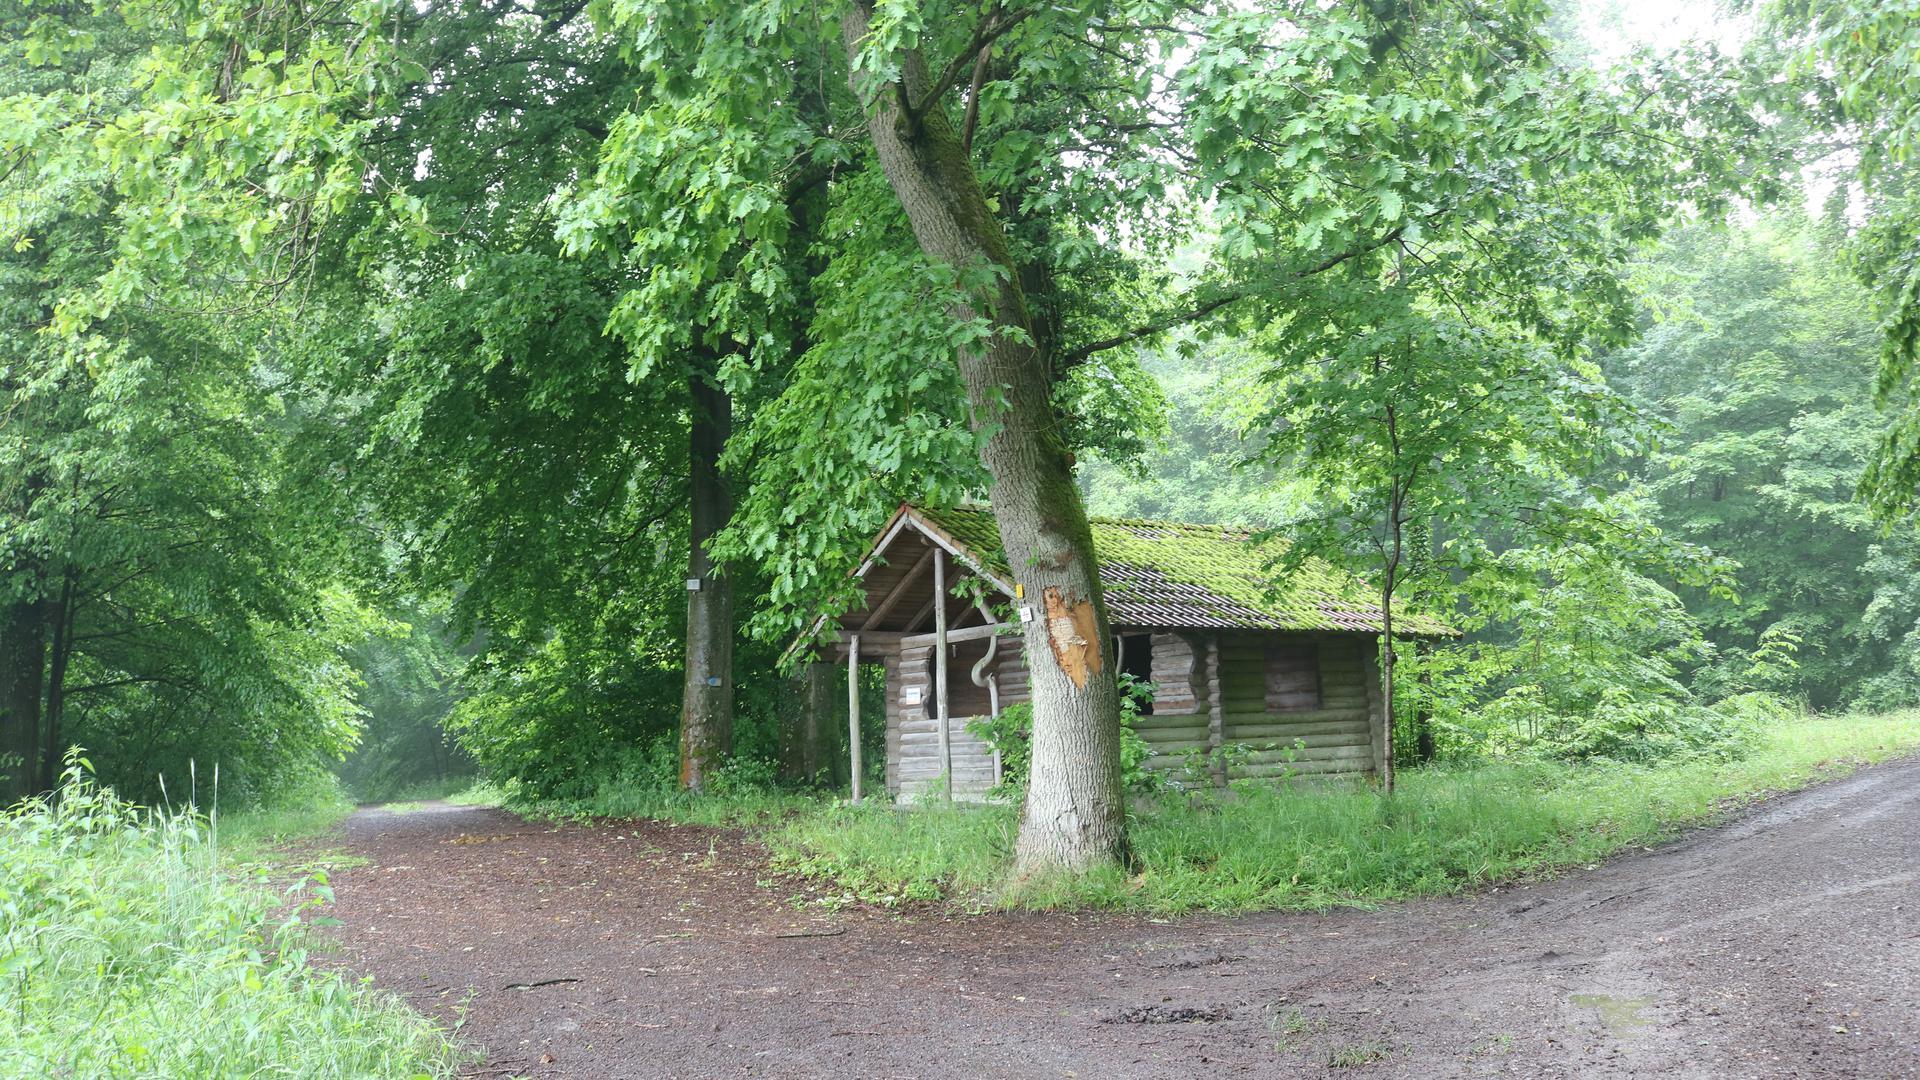 Möglicher Standort Hinterer Heuberg: Die Gegner sehen diesen Wald als gefährdet an, wenn hier Windräder gebaut würden